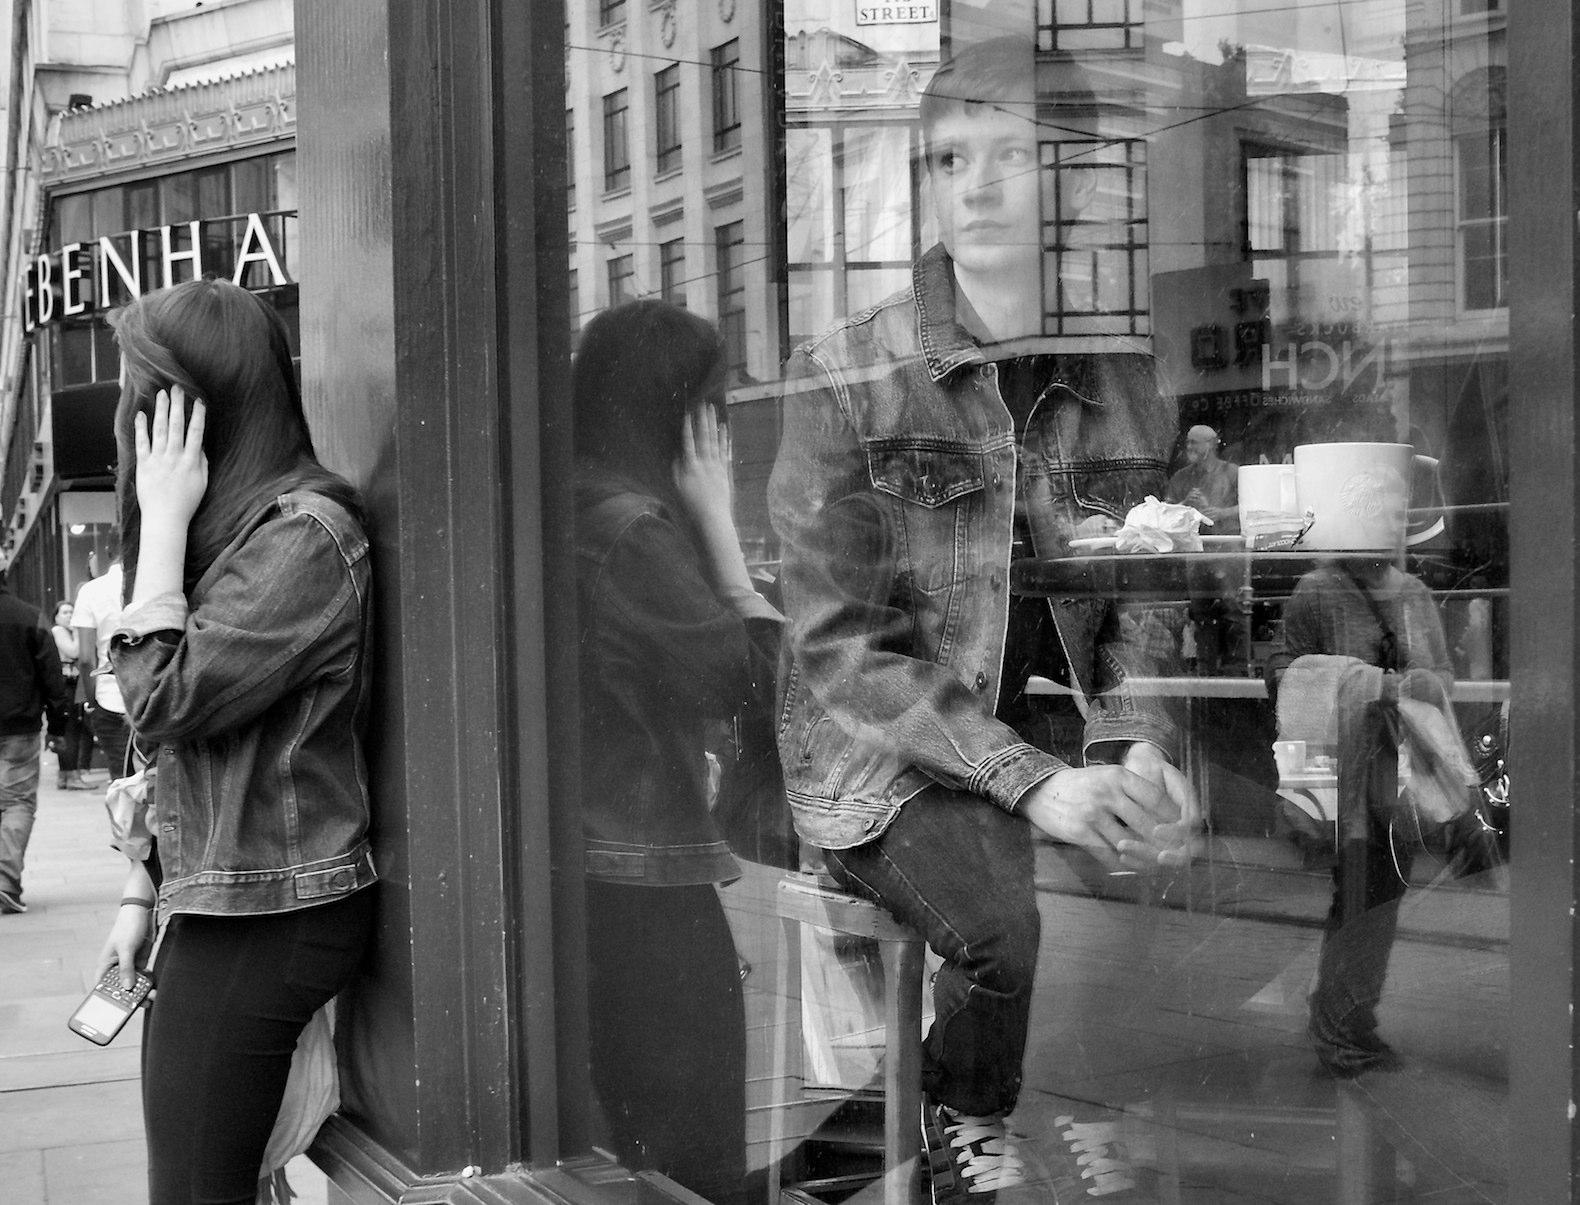 デスクトップ壁紙 女性 通り 道路 デニム インフラ 黒と白